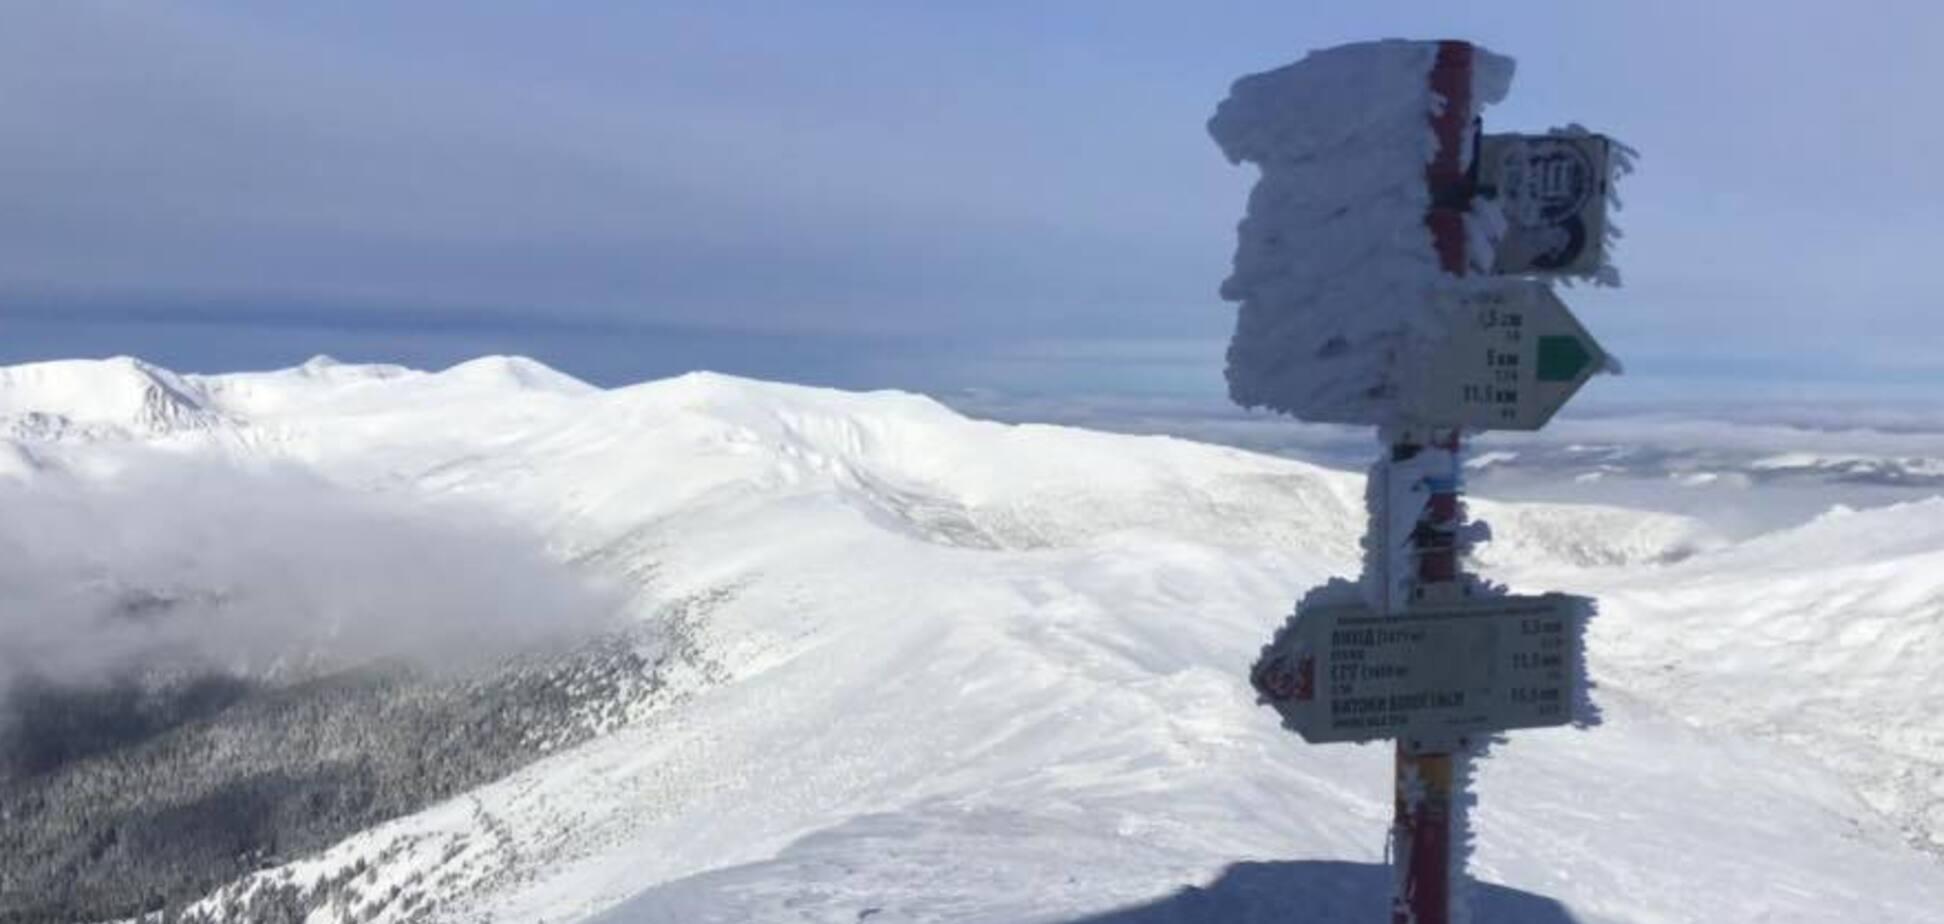 За останній сніголавинний сезон в Карпатах не зійшло жодної лавини